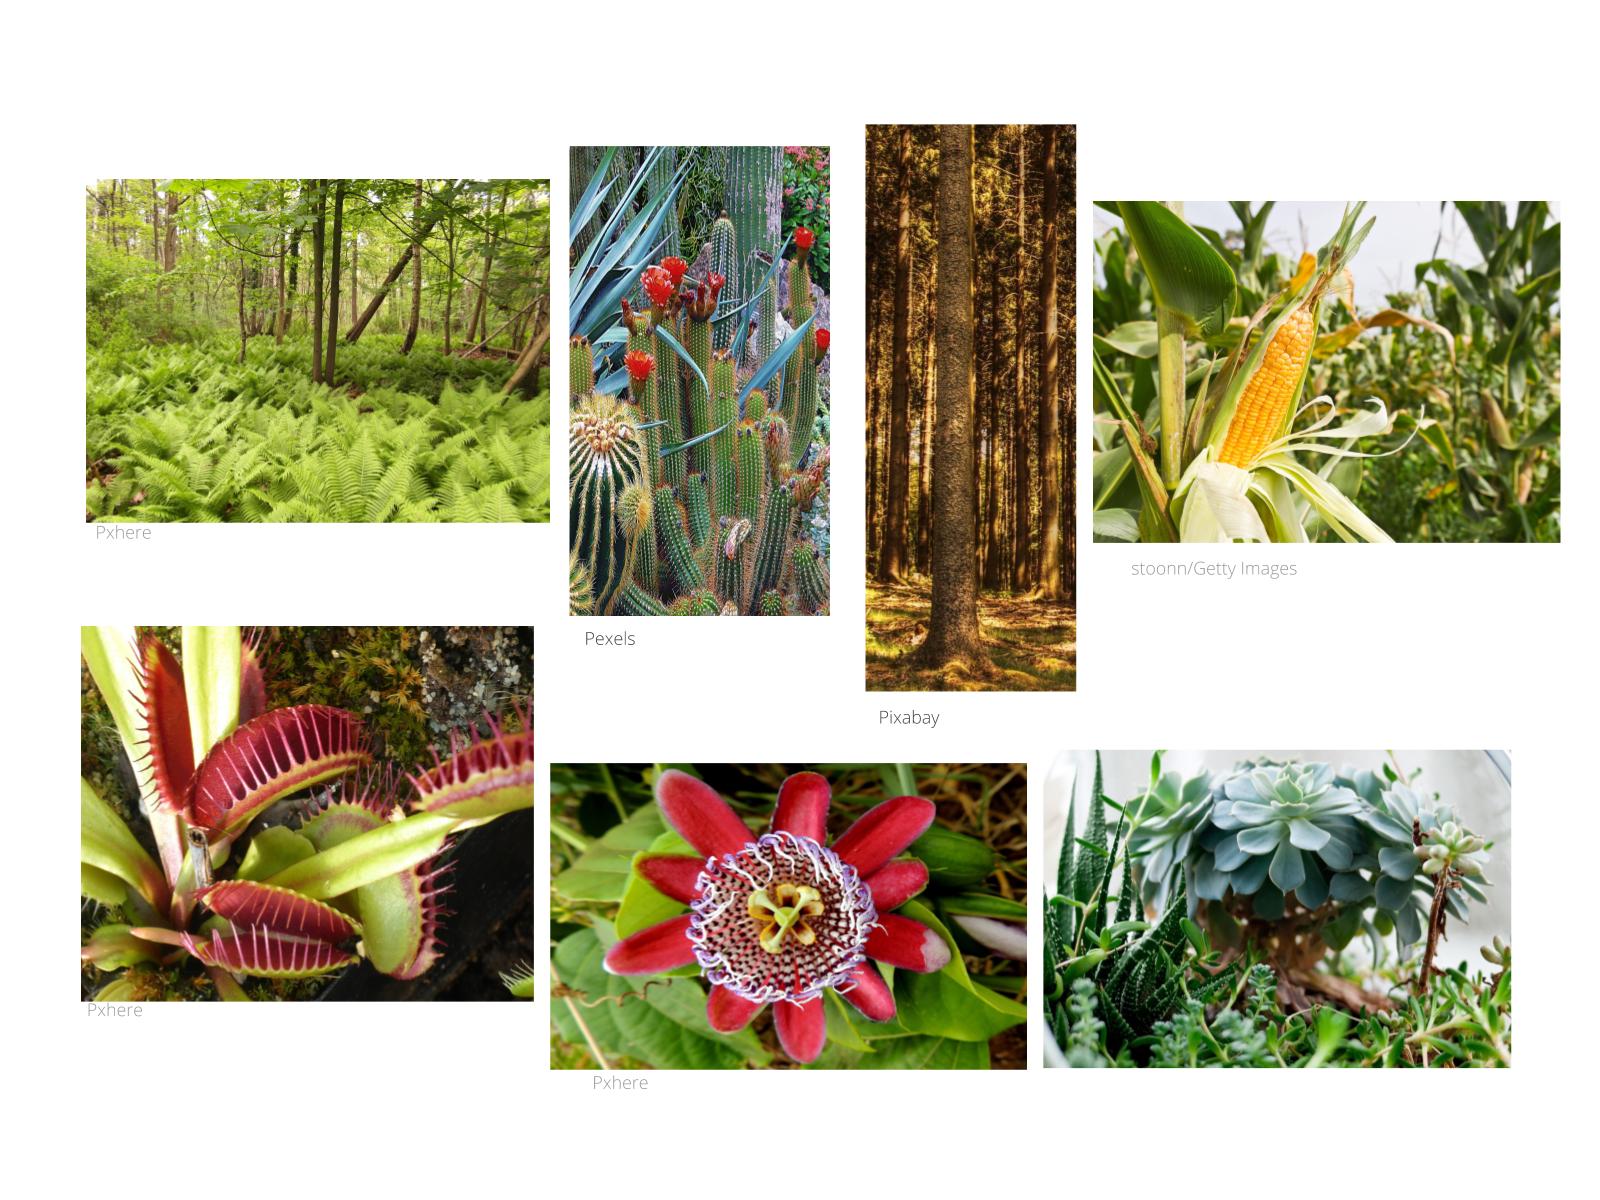 O MUNDO DAS PLANTAS: QUAIS EU CONHEÇO?